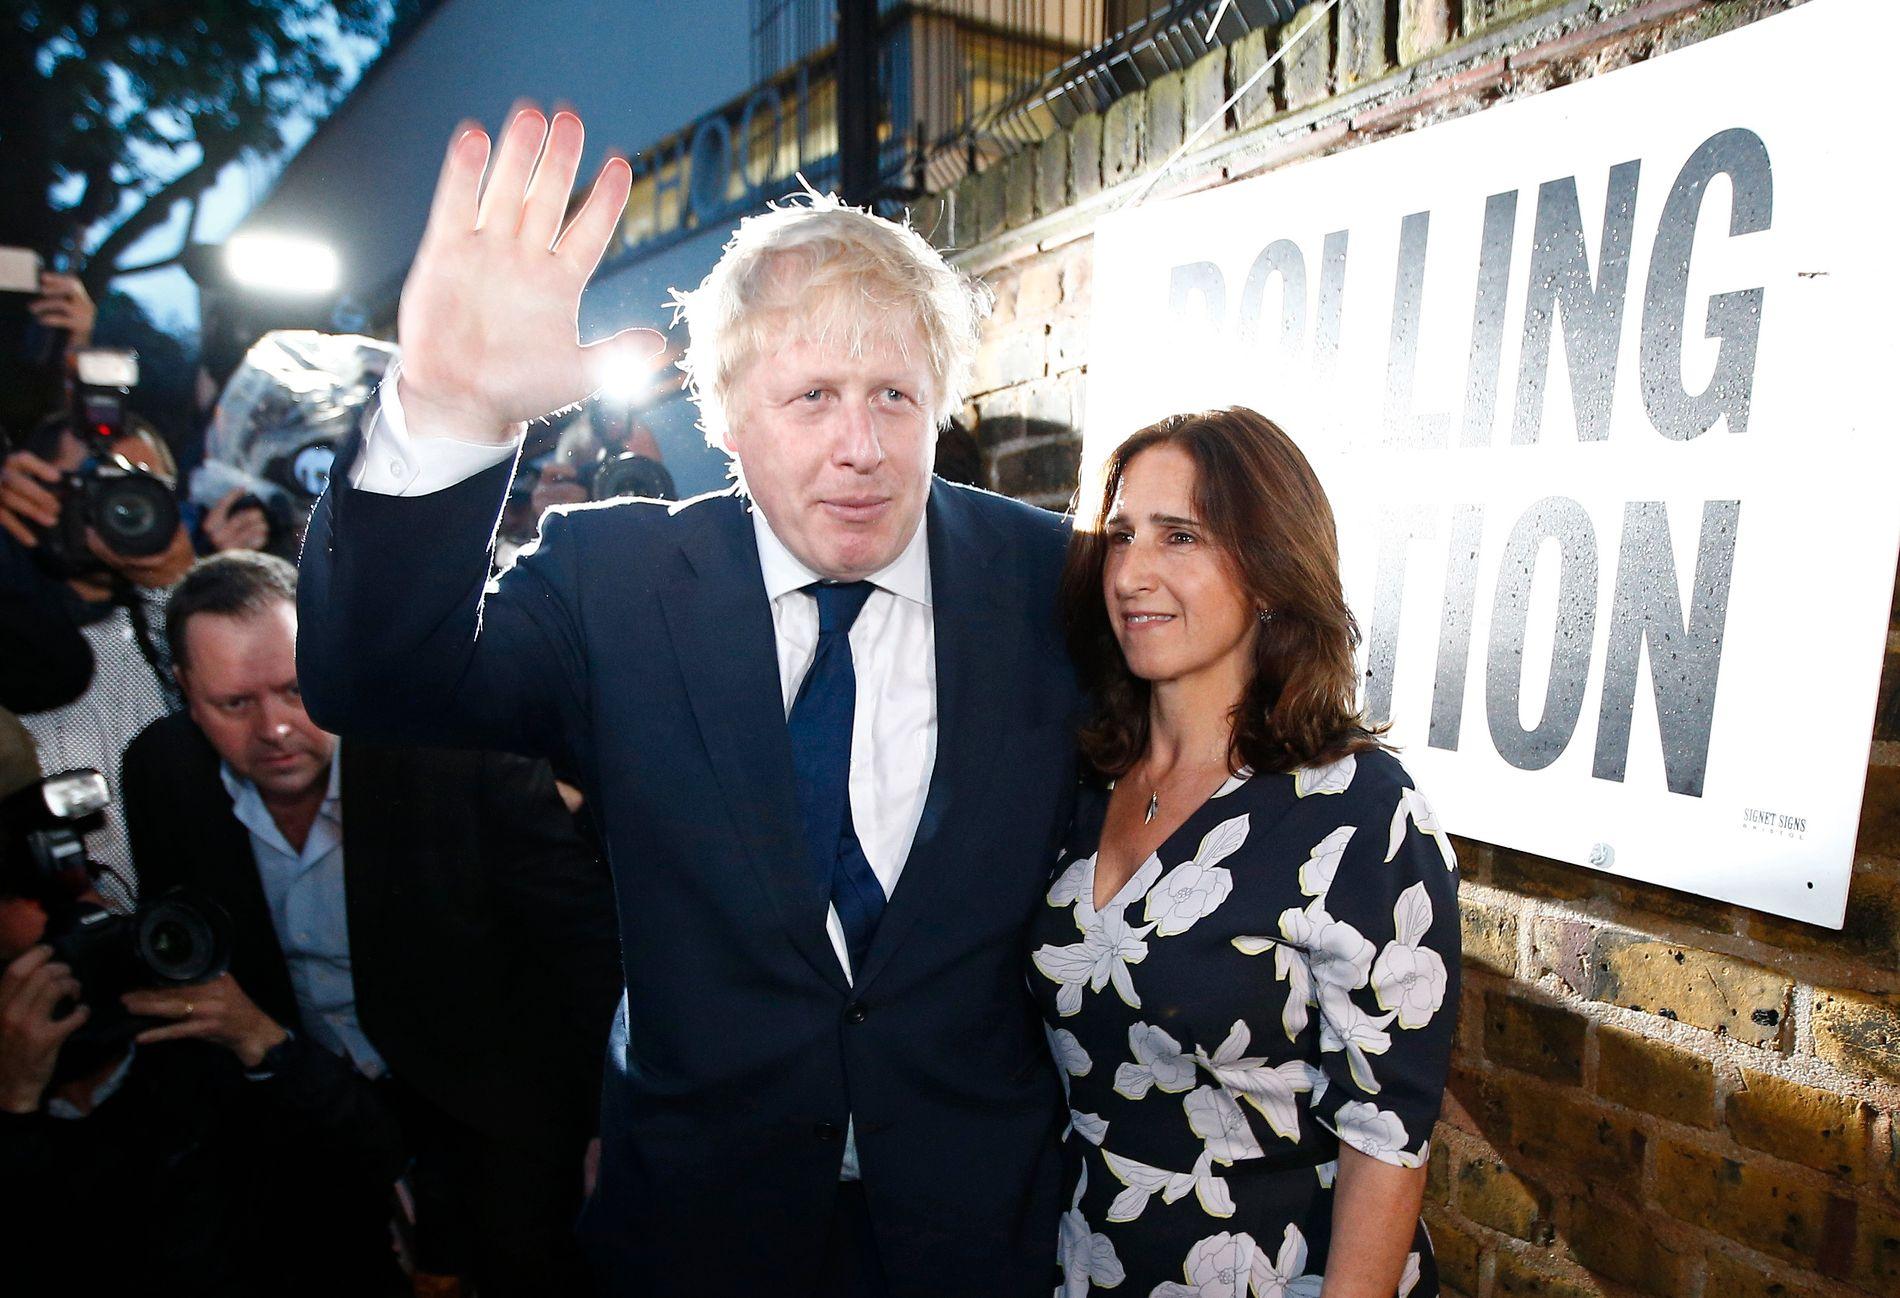 SKILSMISSE: Boris Johnson (54) og Marina Wheeler (54) velger å gå fra hverandre etter angivelige nye utroskapsrykter.